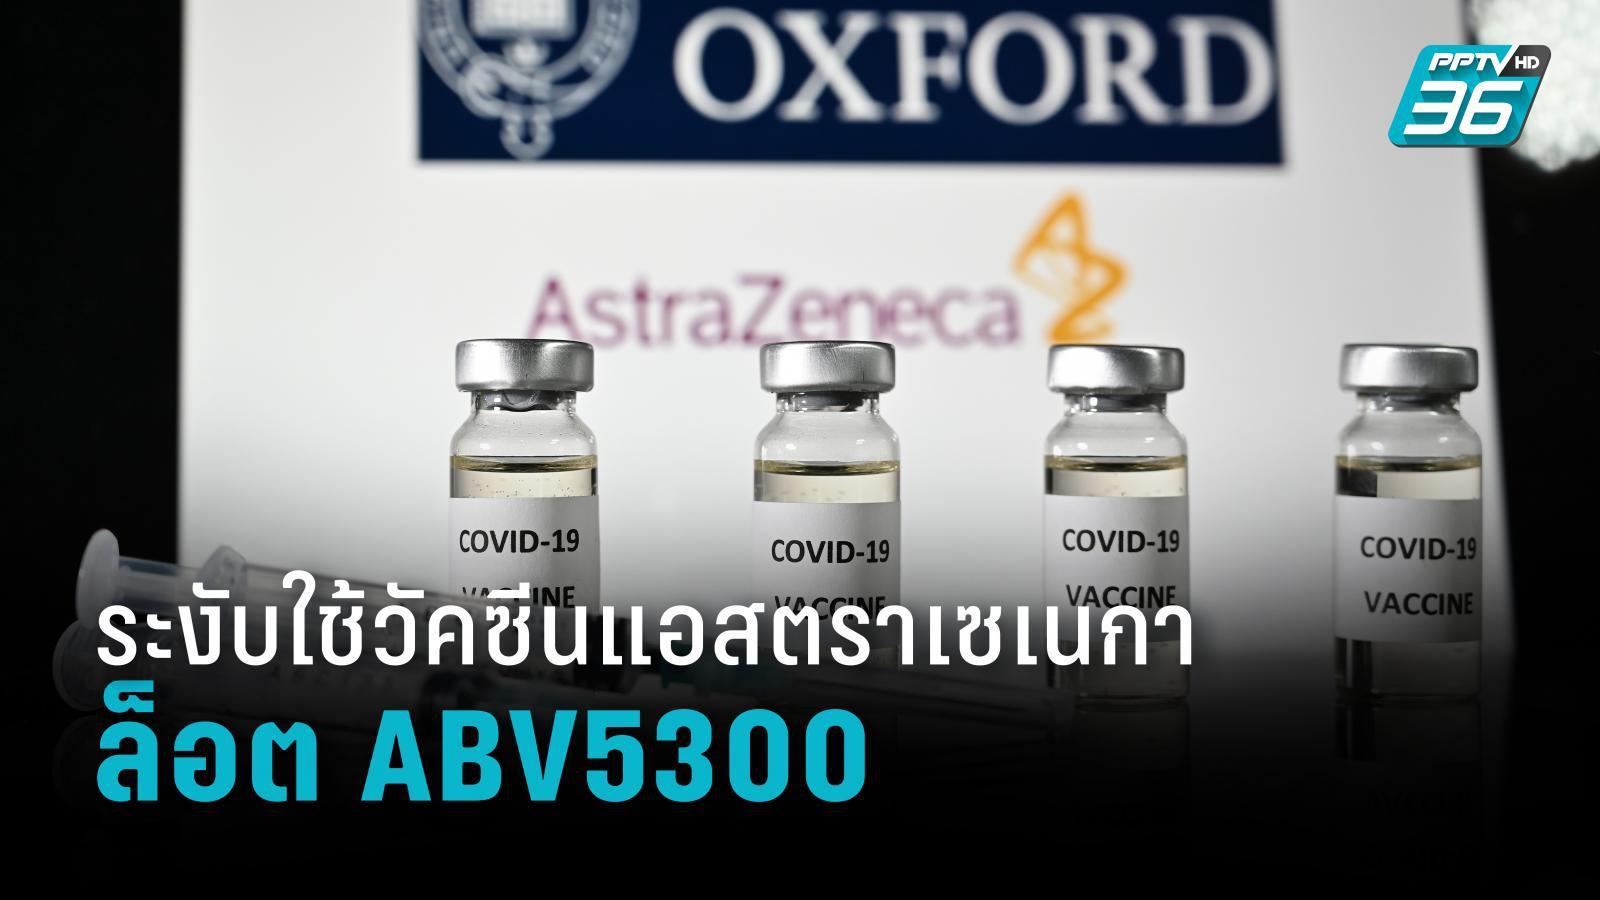 5 ประเทศยุโรประงับใช้วัคซีนโควิด-19 แอสตราเซเนกาล็อต ABV5300